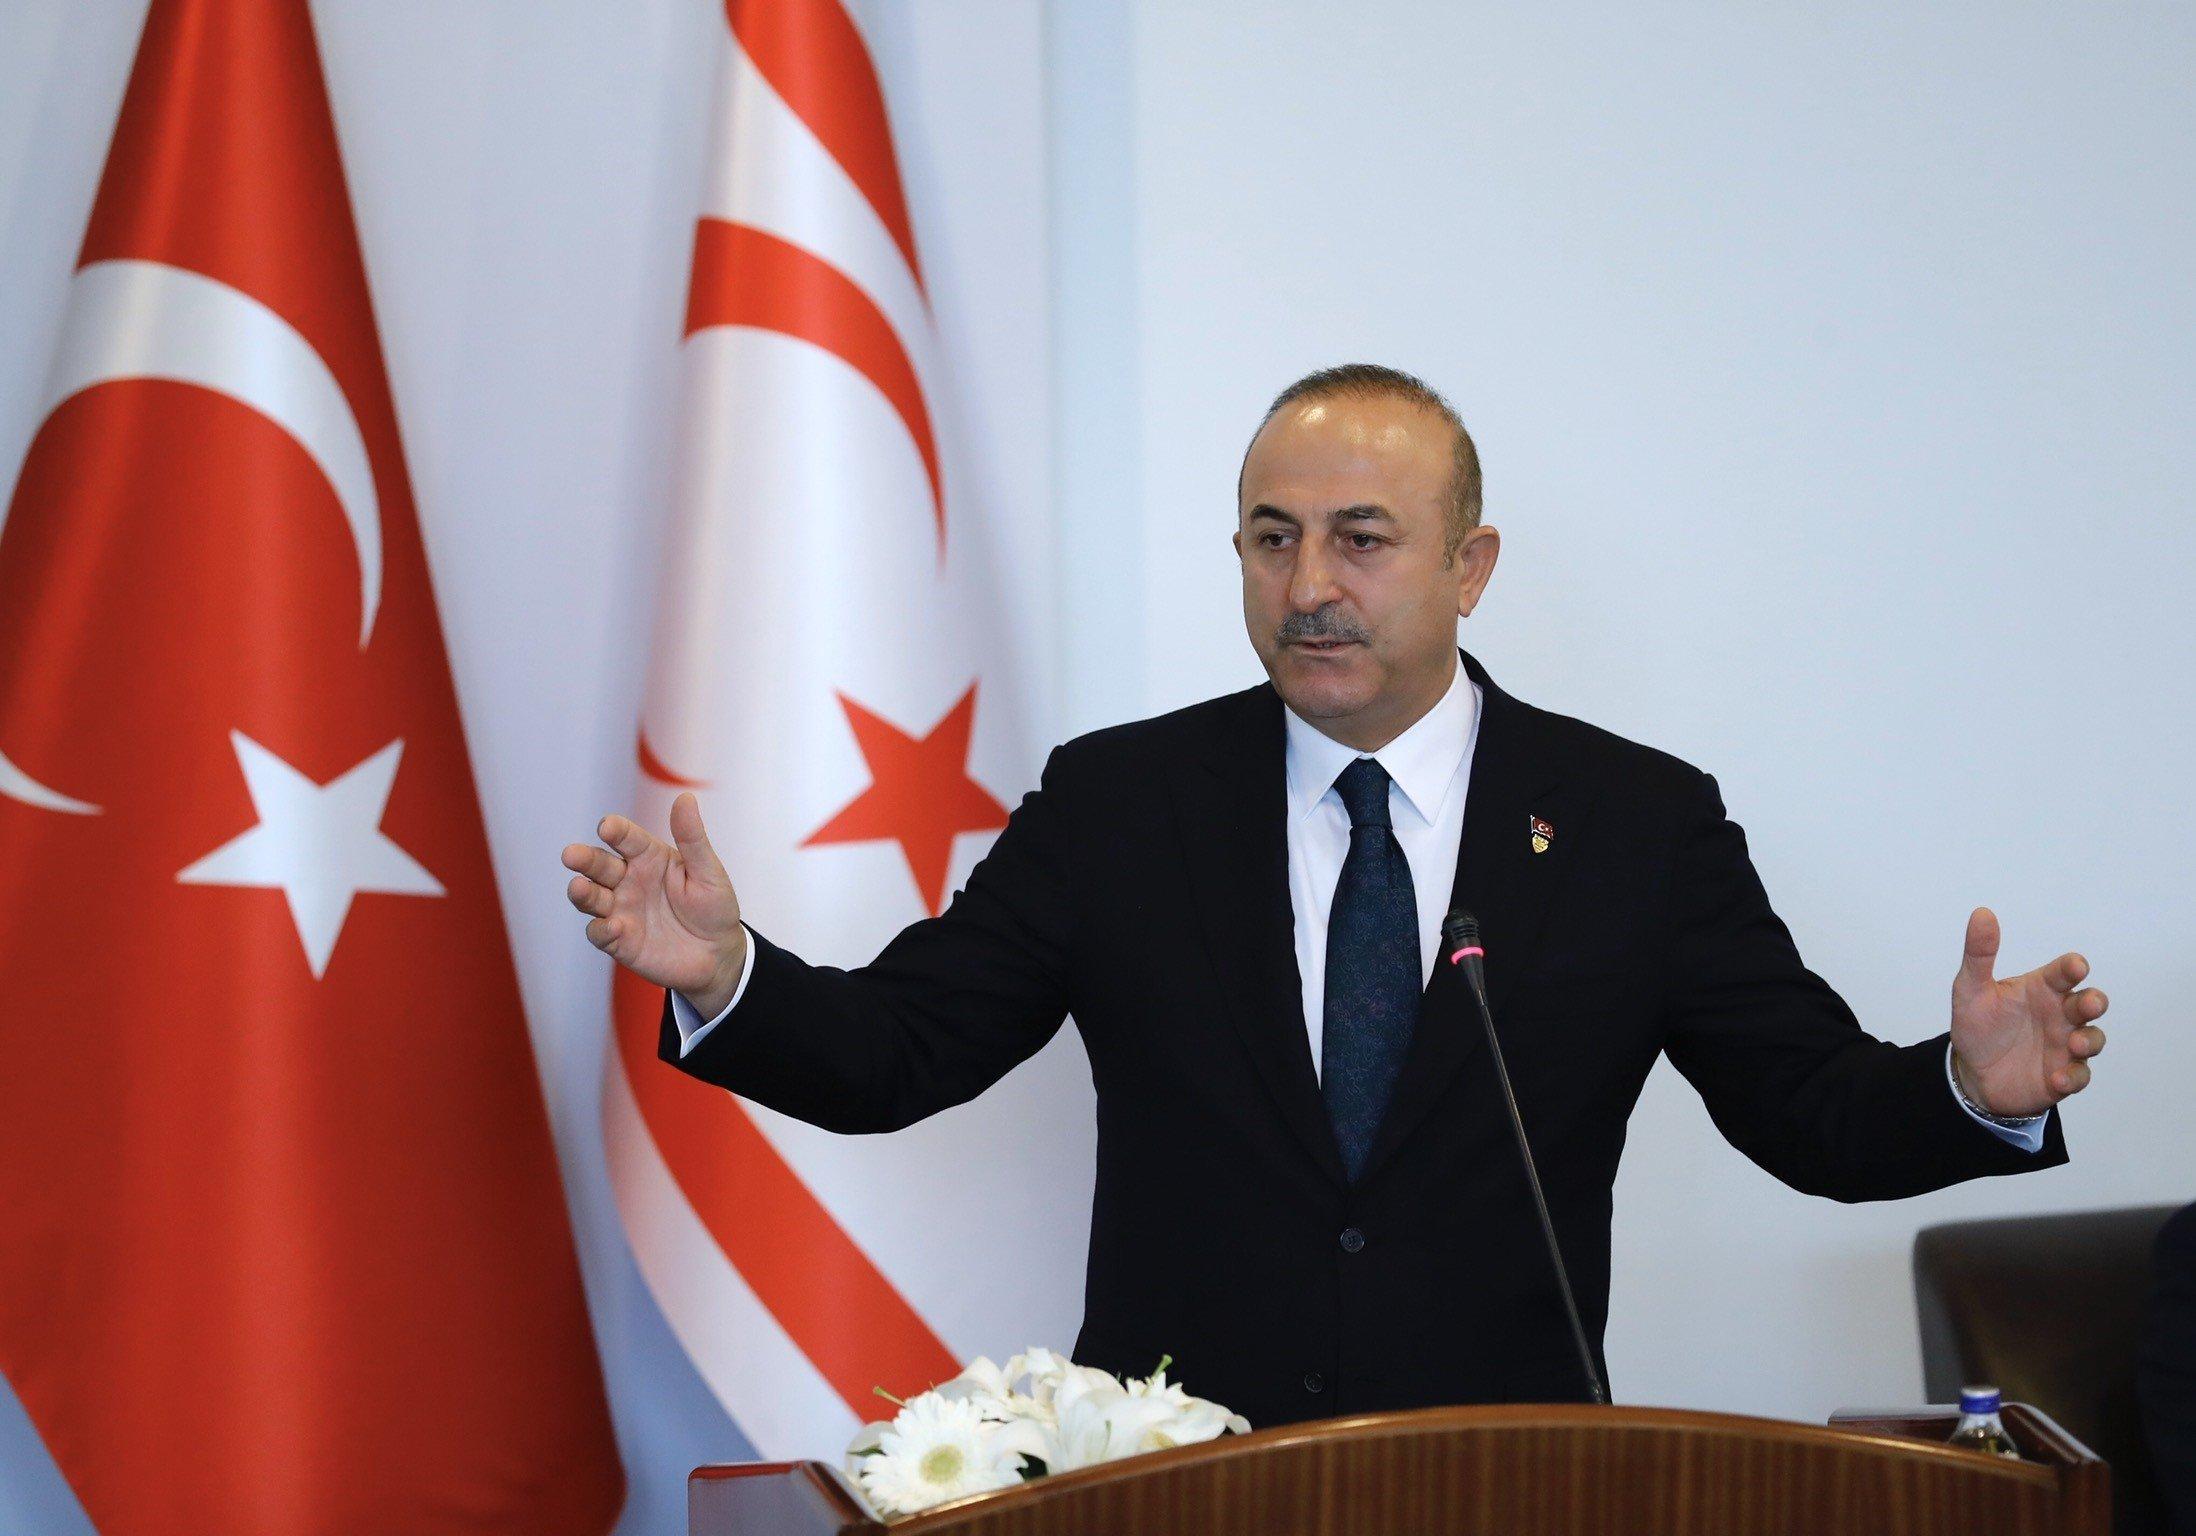 Τσαβούσογλου: Η Τουρκία θα συνεχίσει τις γεωτρήσεις στην